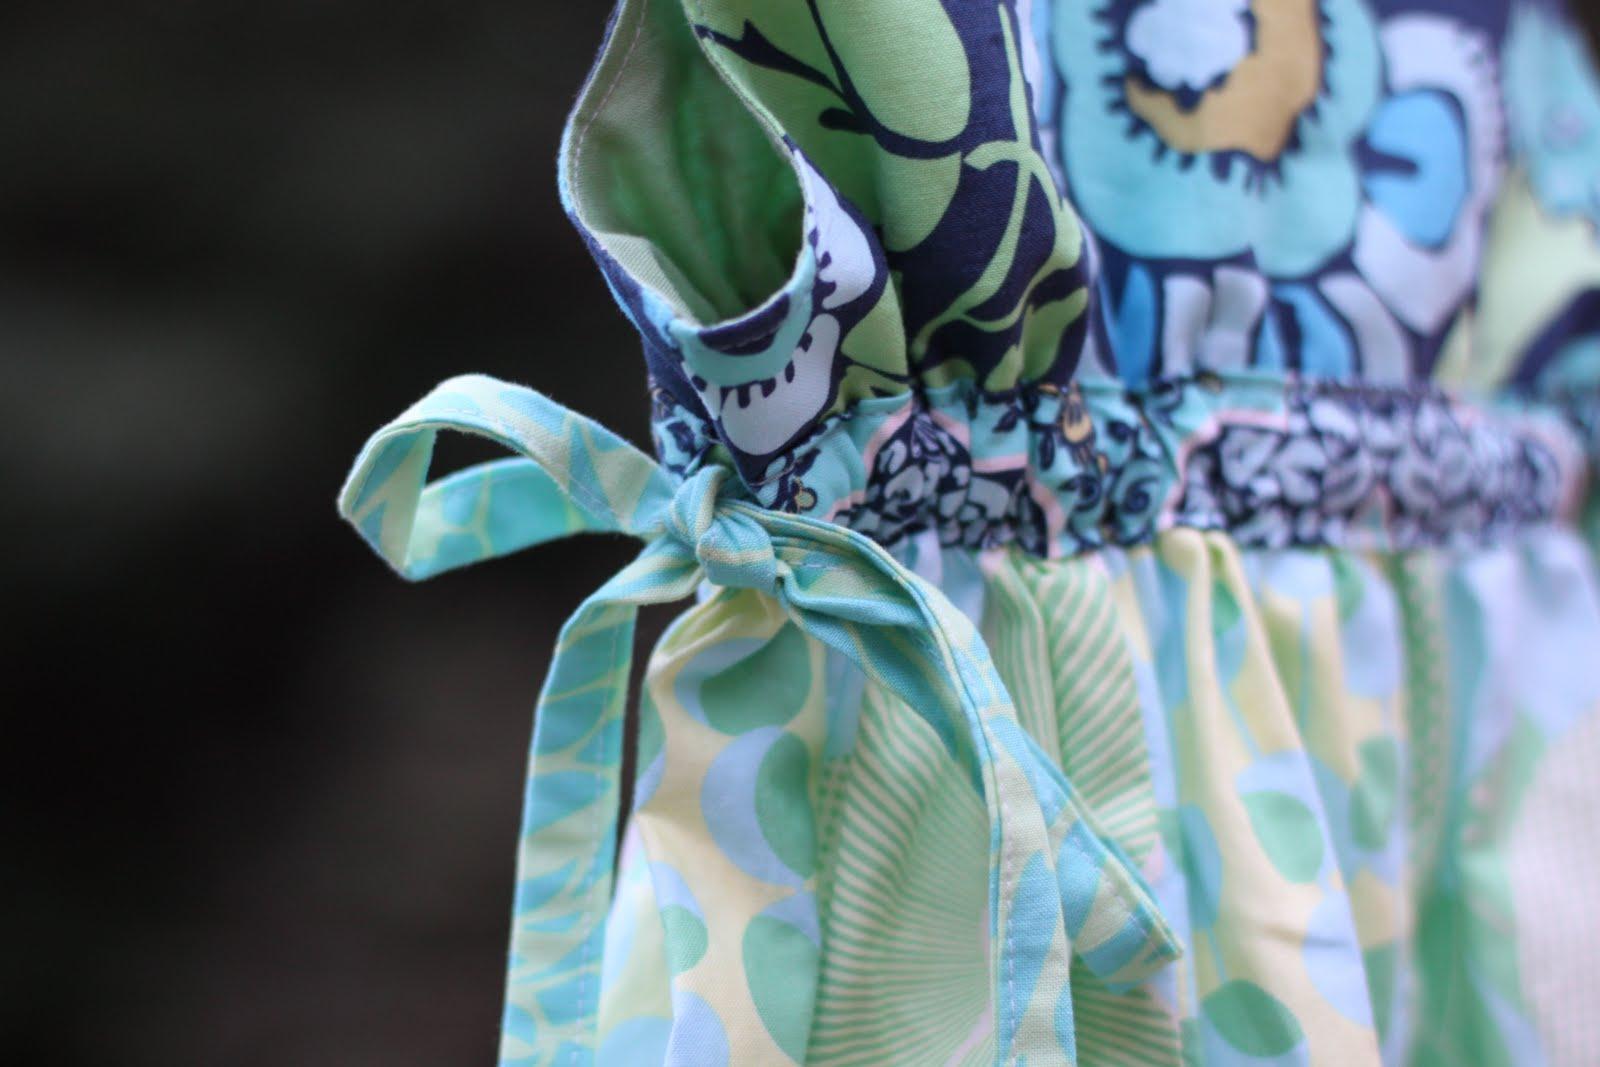 http://3.bp.blogspot.com/_e2fLkHmot7Y/THRAkUvfuZI/AAAAAAAABLM/6tcJd1wsYPM/s1600/2010-08+Mini+moo+and+fabric_0025.JPG